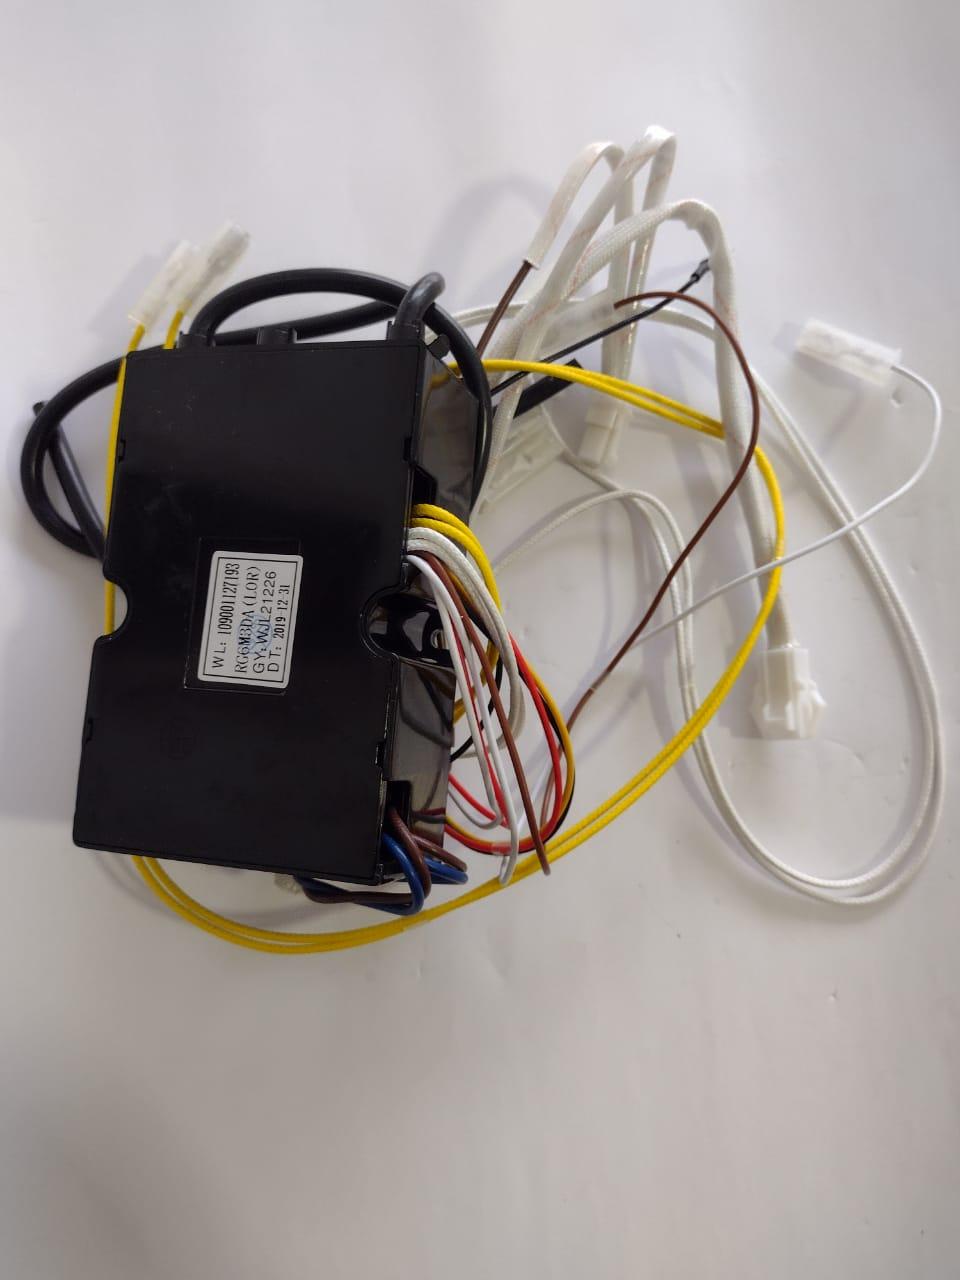 Caixa de ignição LZ800 EF G-819 EFA V2